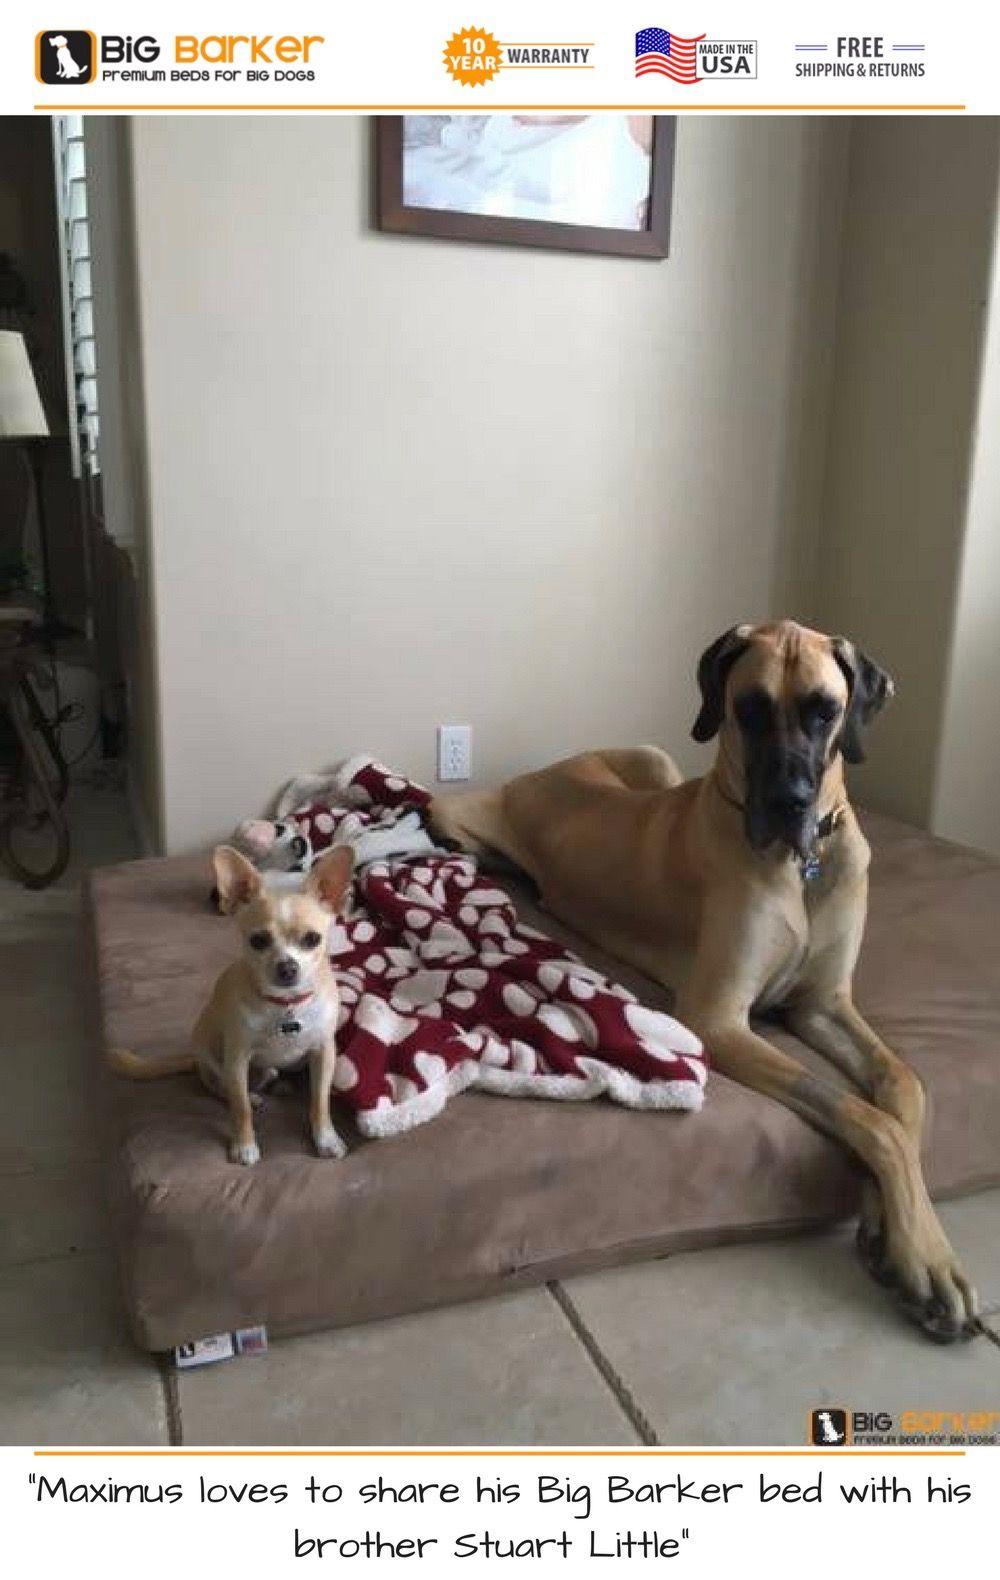 Orthopedic Dog Beds for Large & Extra Large Dogs Large